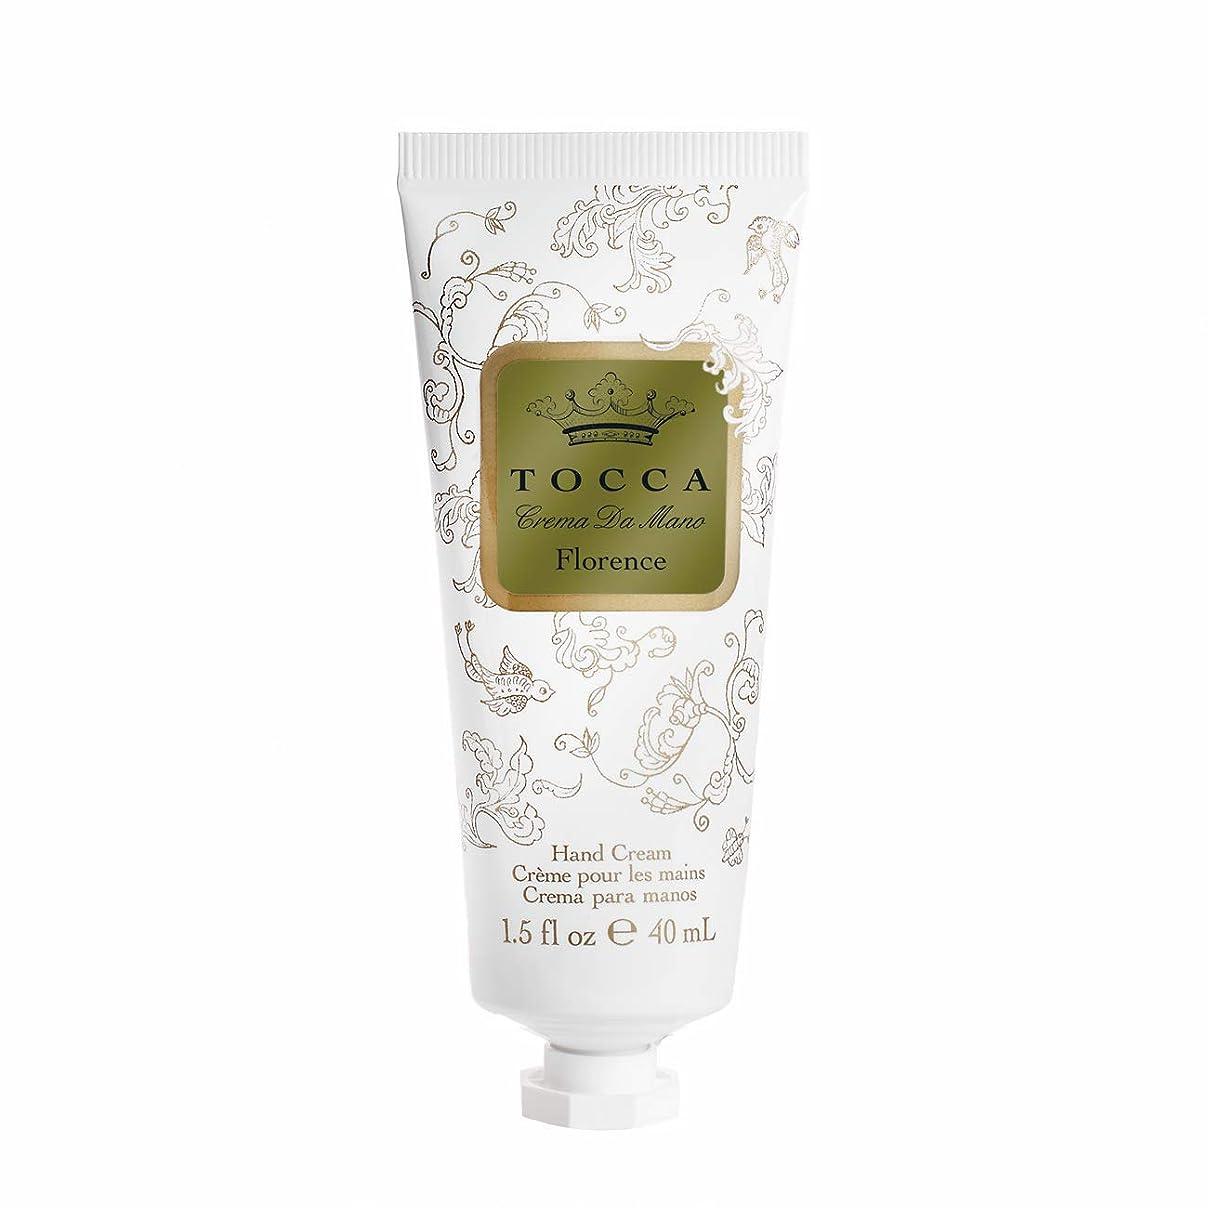 腐敗屋内静けさトッカ(TOCCA) ハンドクリーム フローレンスの香り 40mL (ガーデニアとベルガモットが誘うように溶け合うどこまでも上品なフローラルの香り)